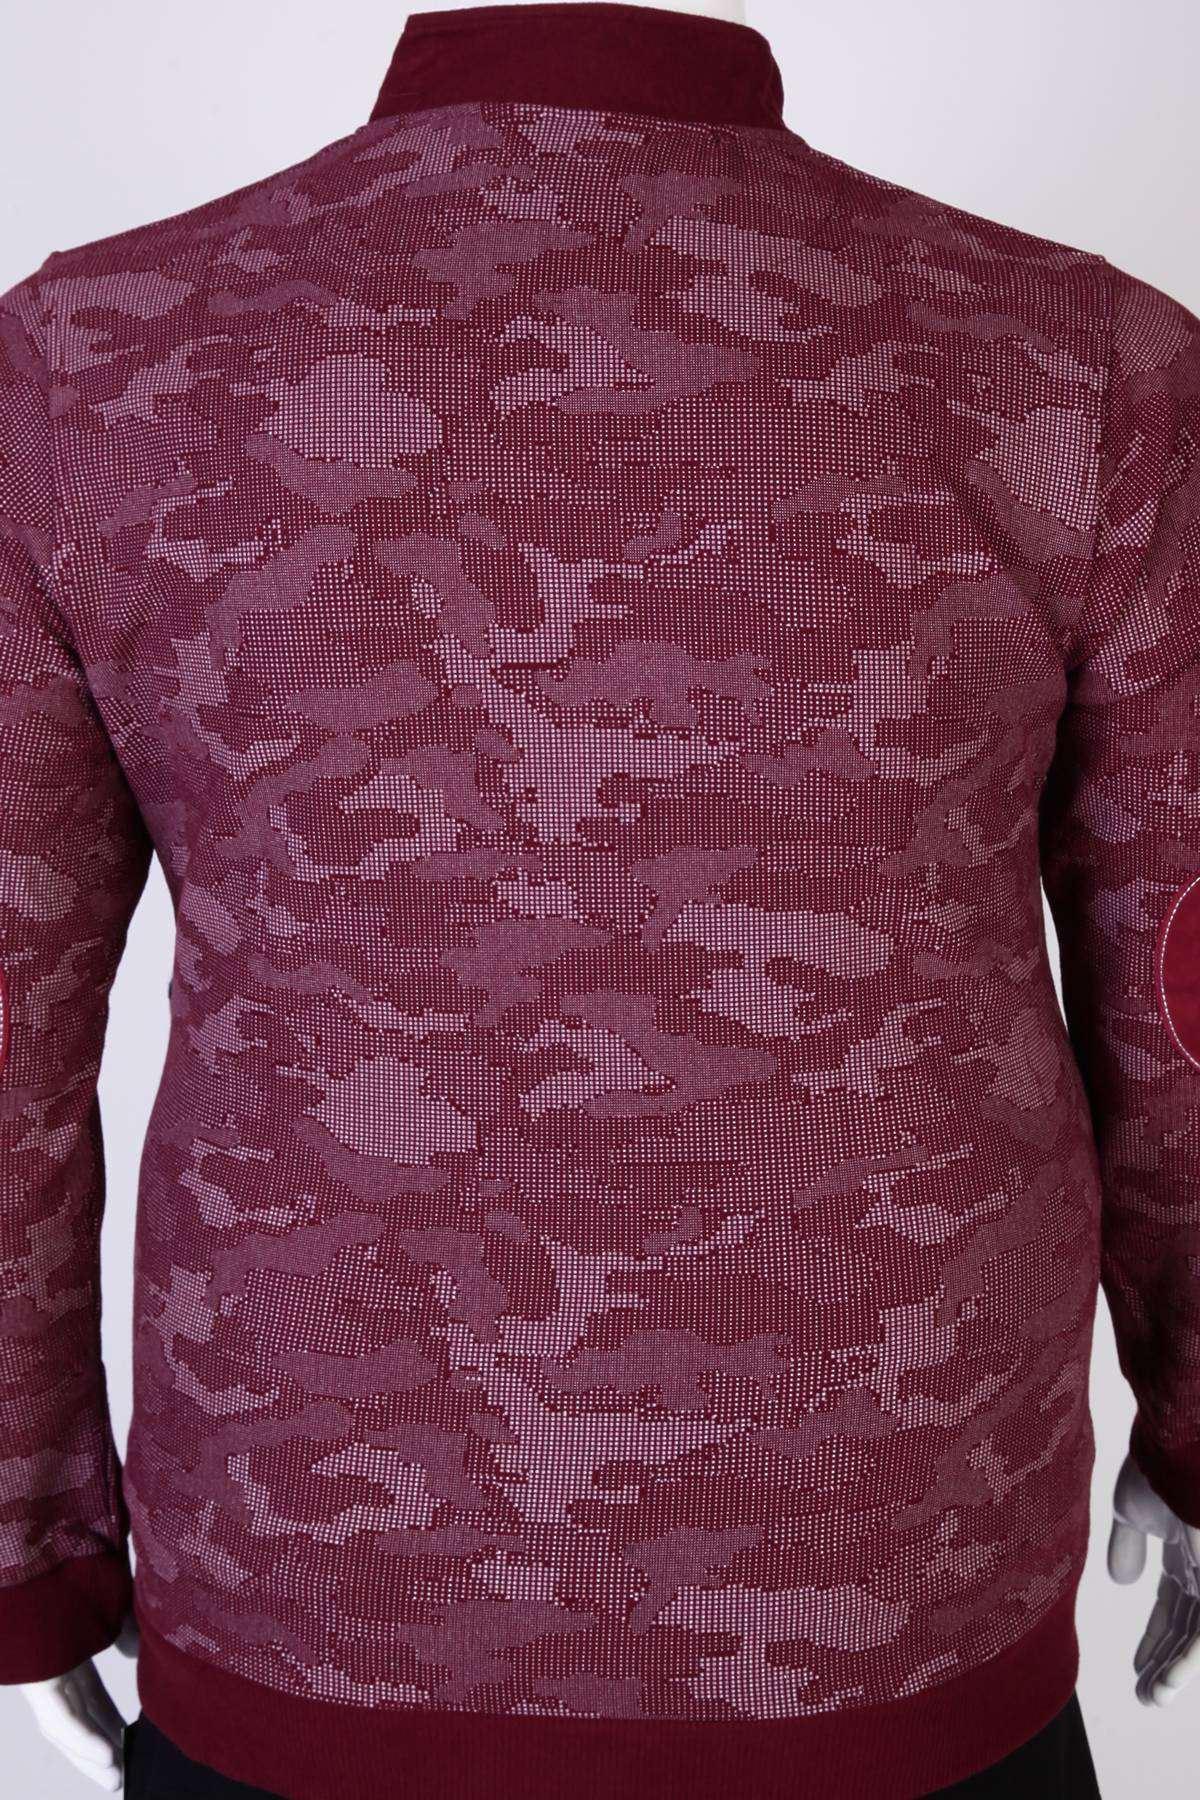 Üst Desenli Selanik Süper Battal Sweatshirt Bordo